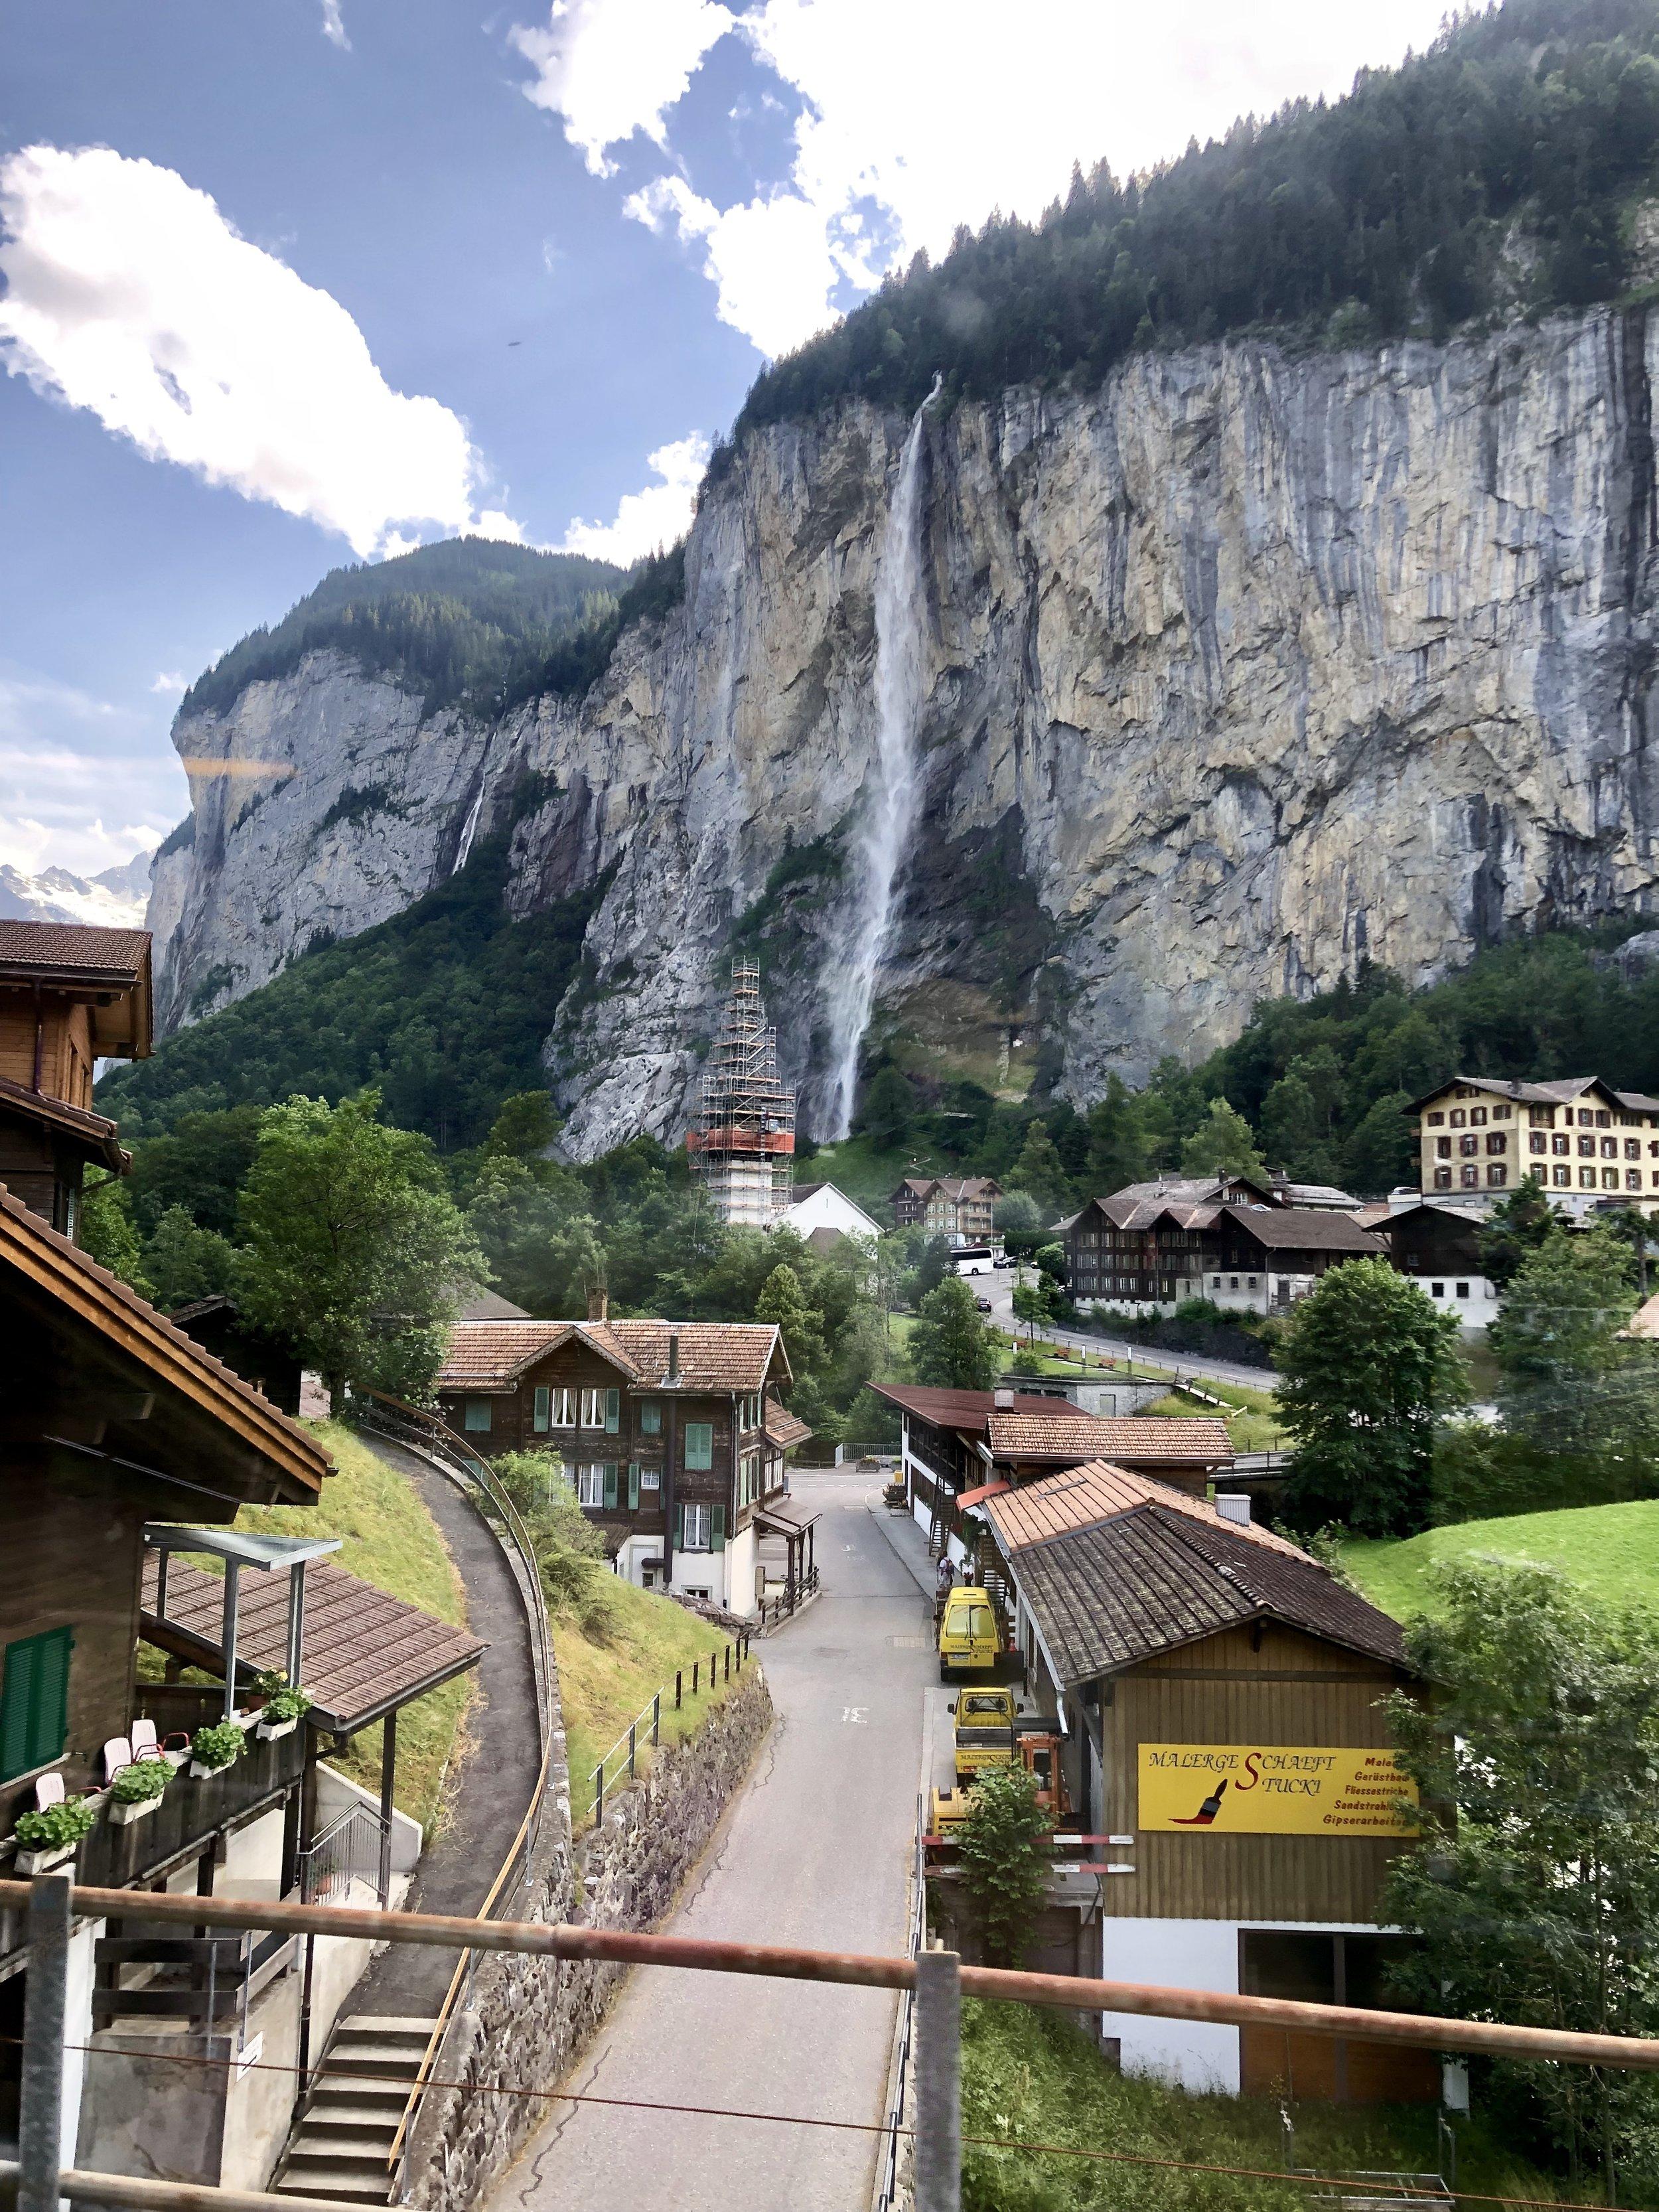 Town of Lauterbrunnen